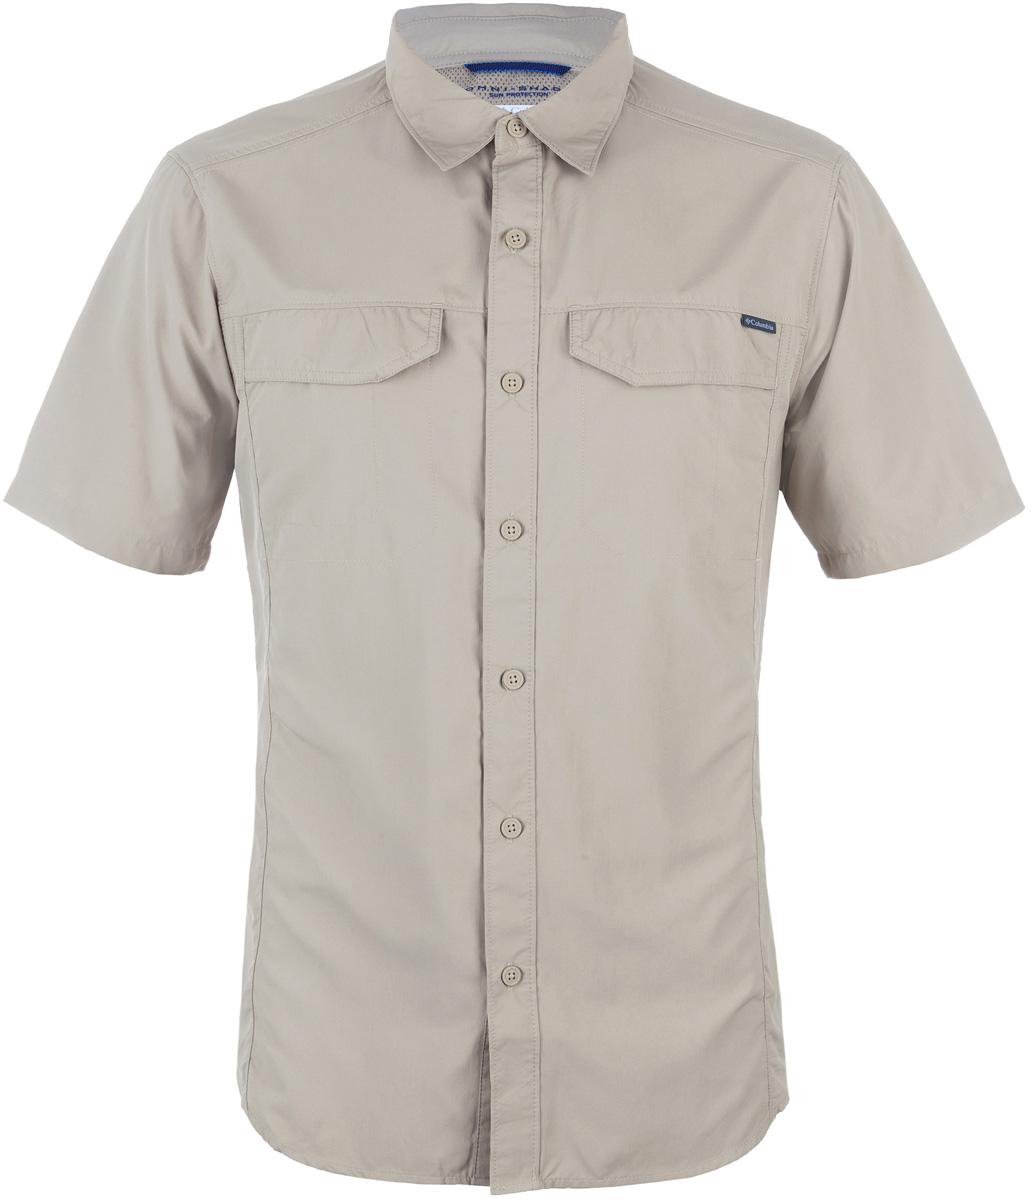 Рубашка1441661-265• Omni-SHADE UPF 50 защита от УФ-лучей • Omni-WICK • Дополнительная вентиляция Regular Fit